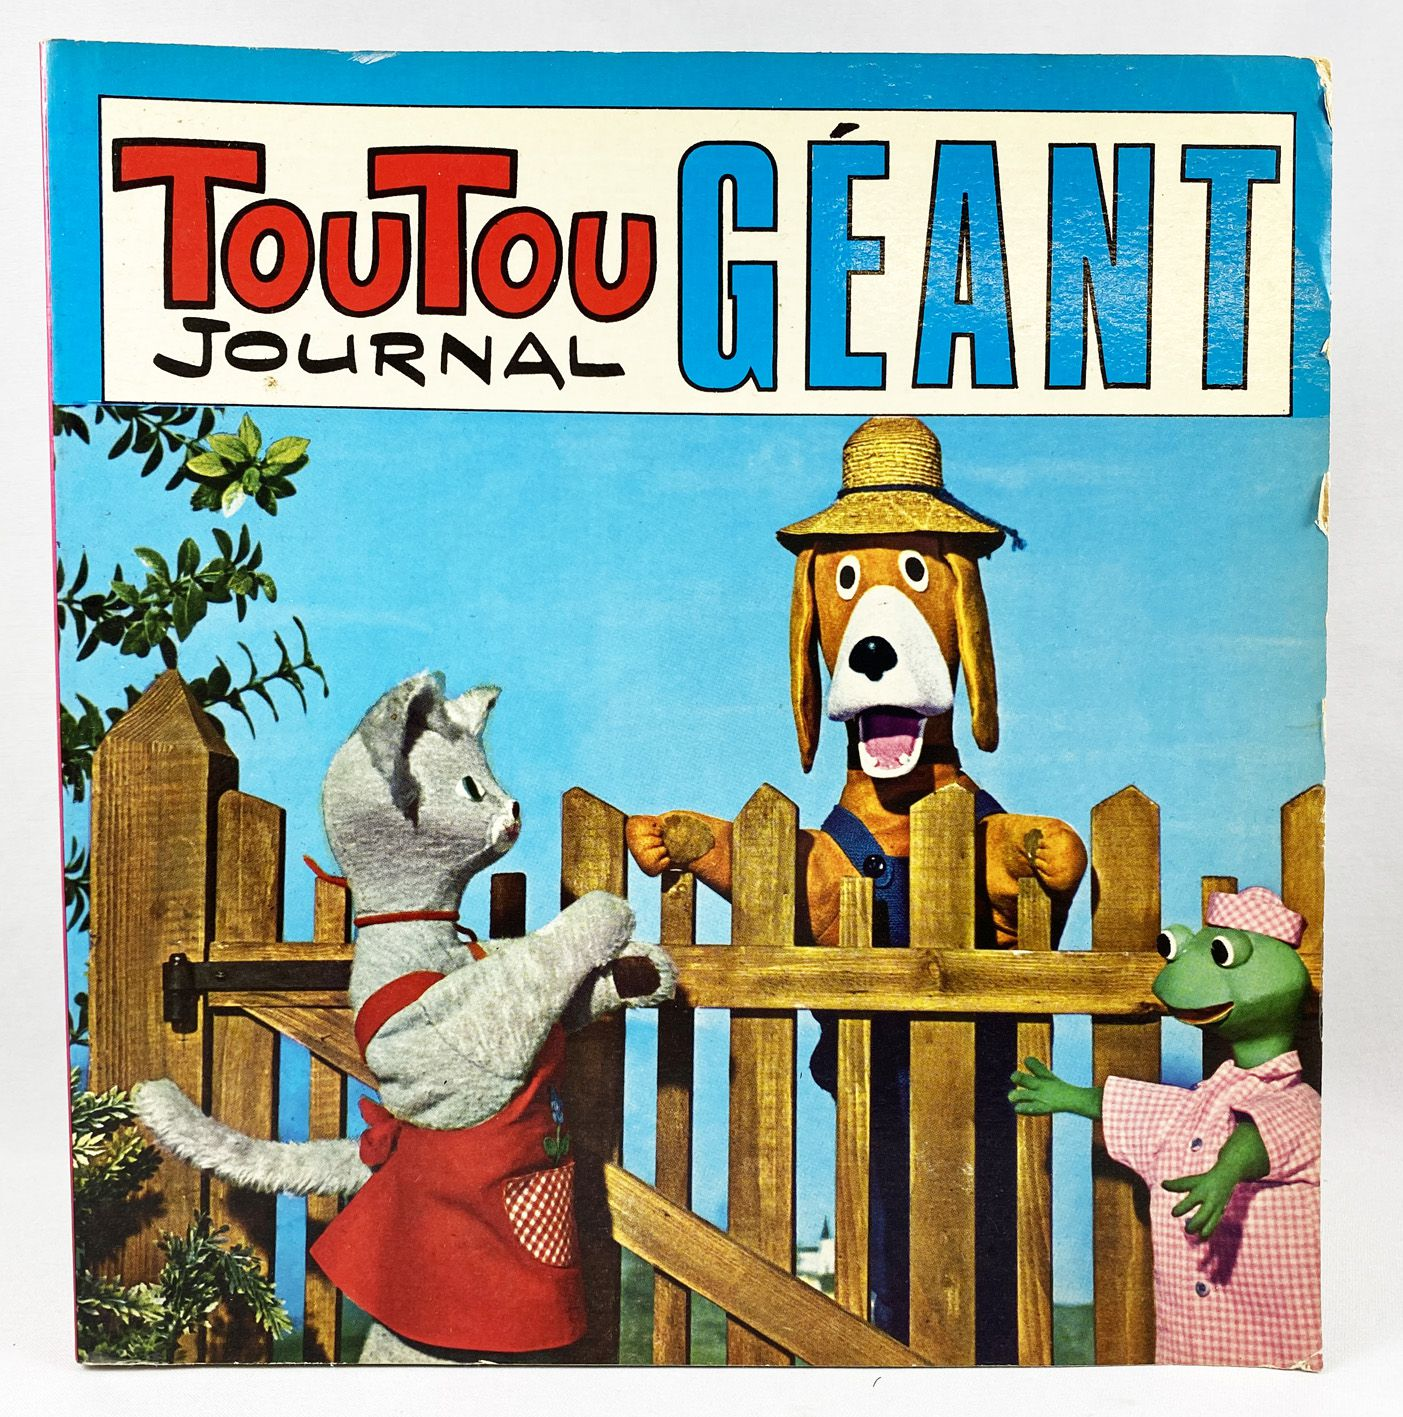 Maison de Toutou - Toutou-Journal Géant n°2 - Edition MCL 1977